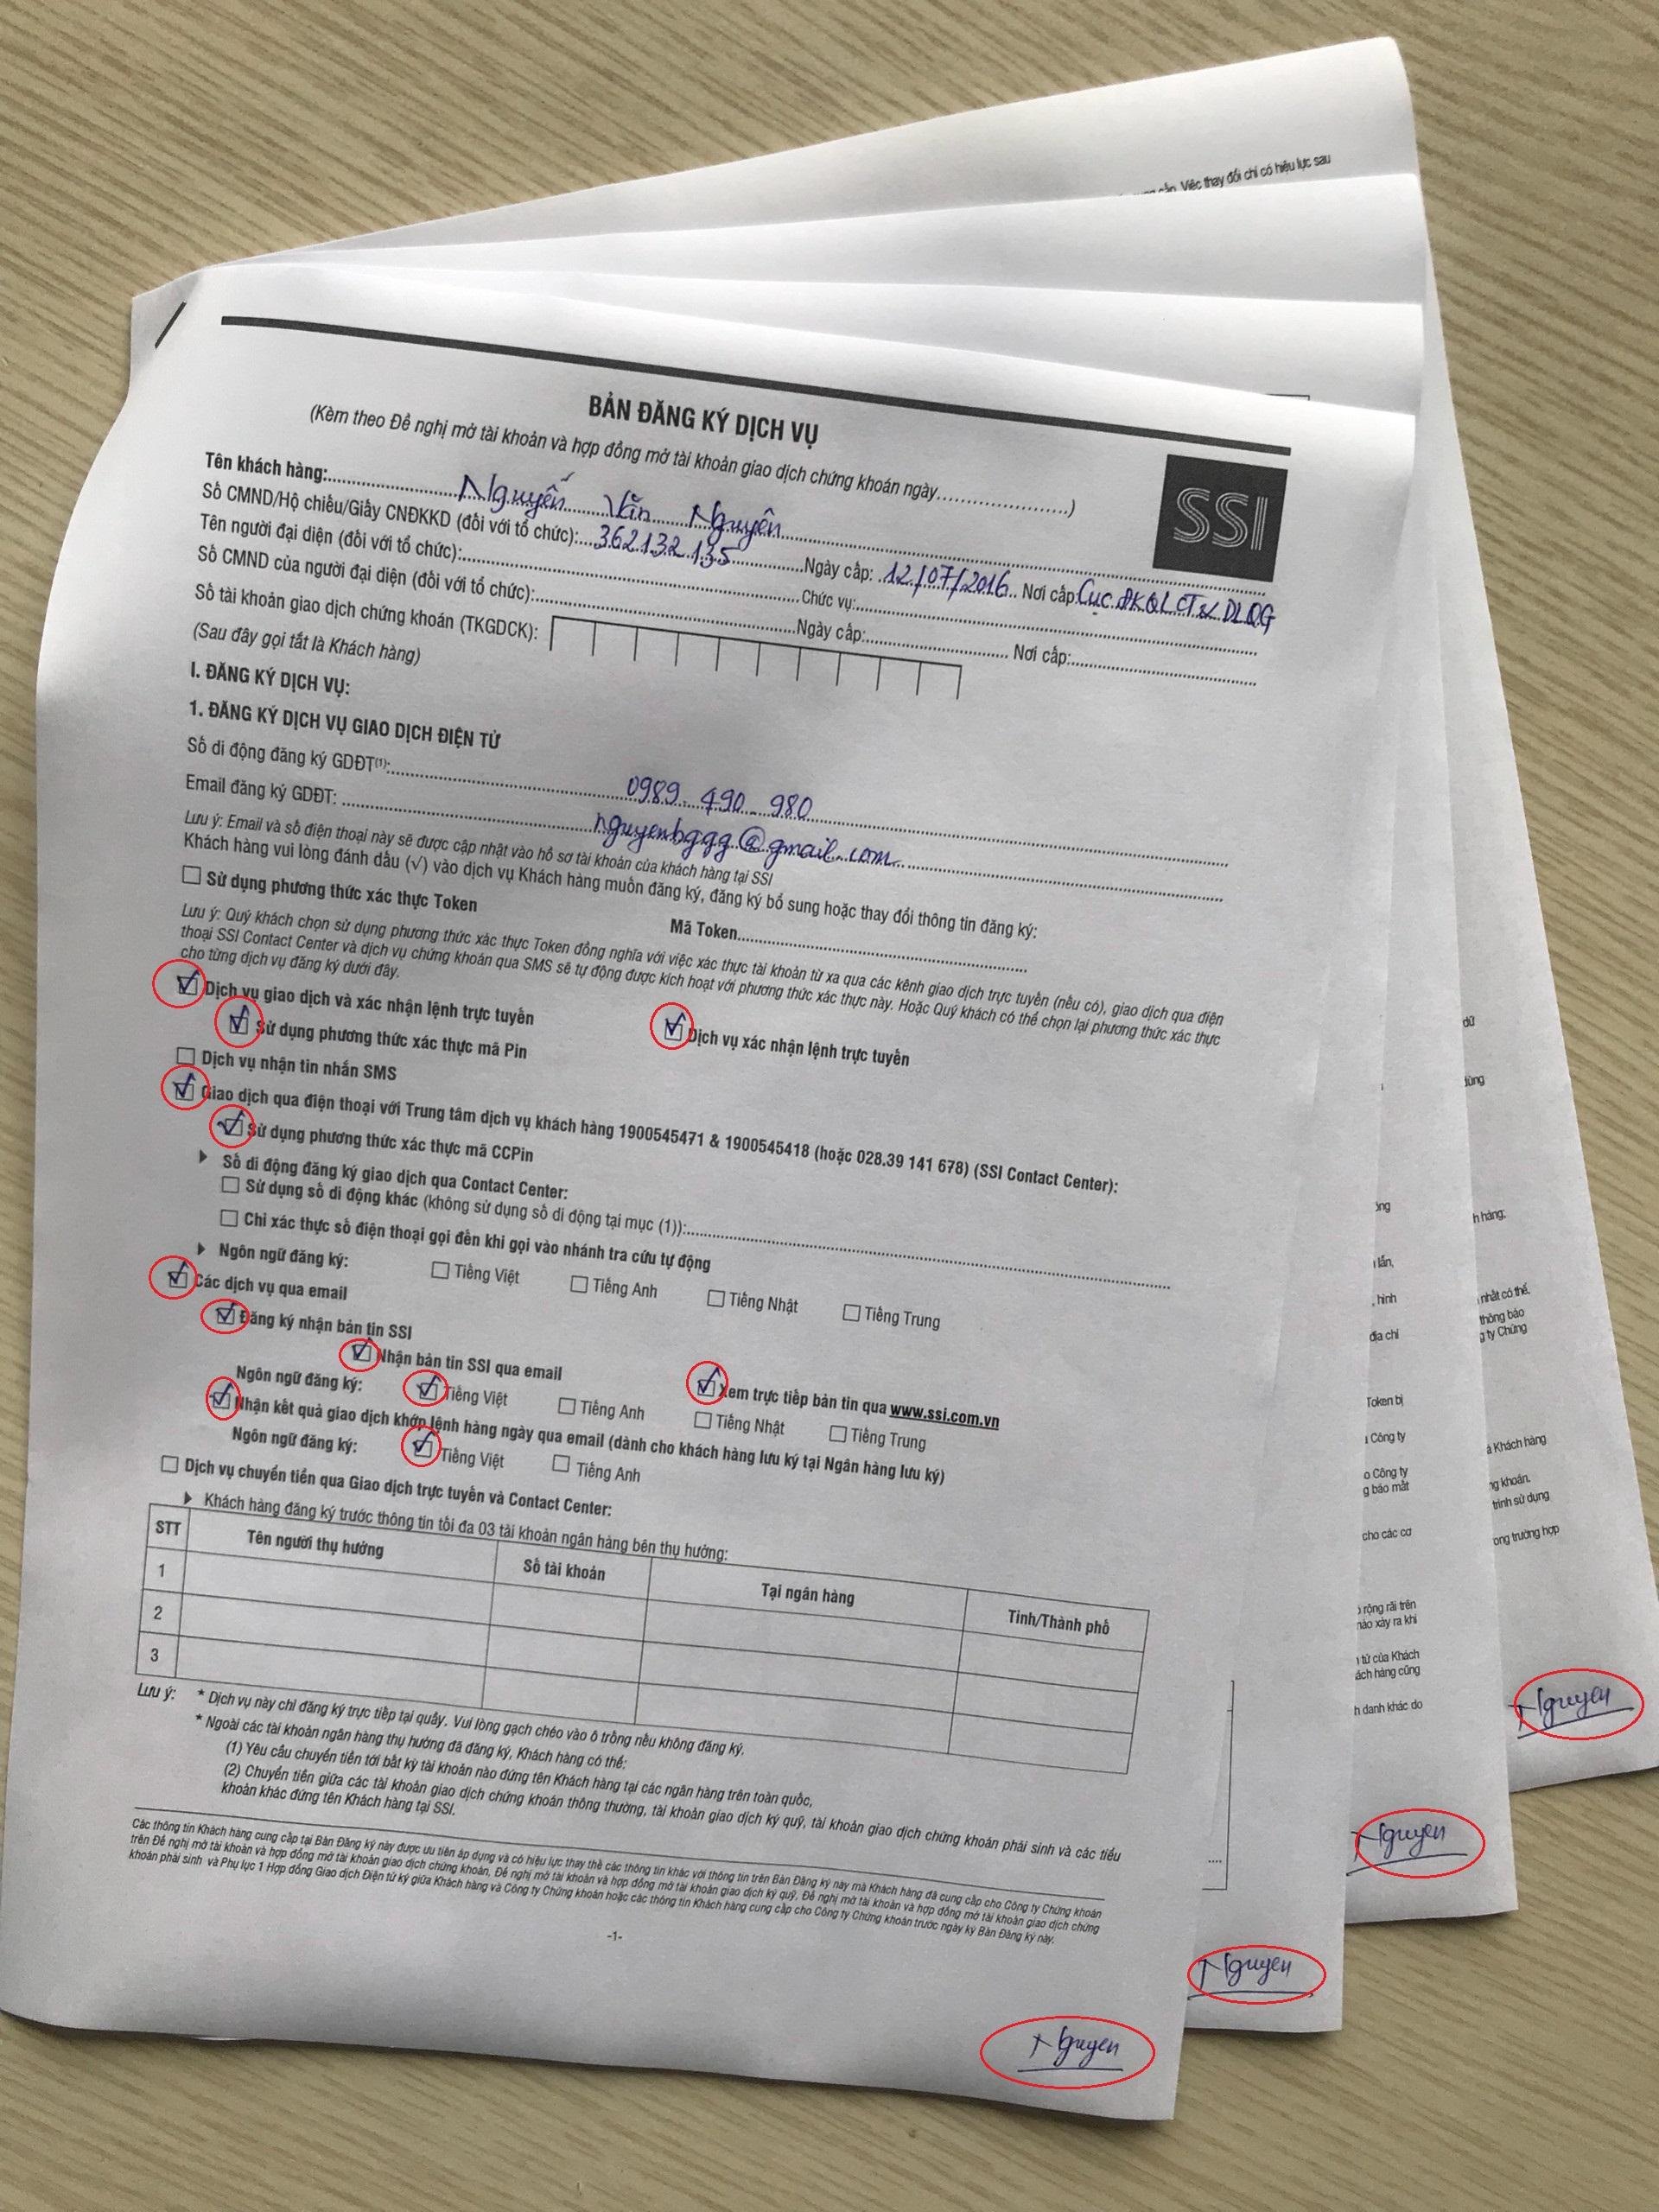 Bản đăng ký dịch vụ SSI 1